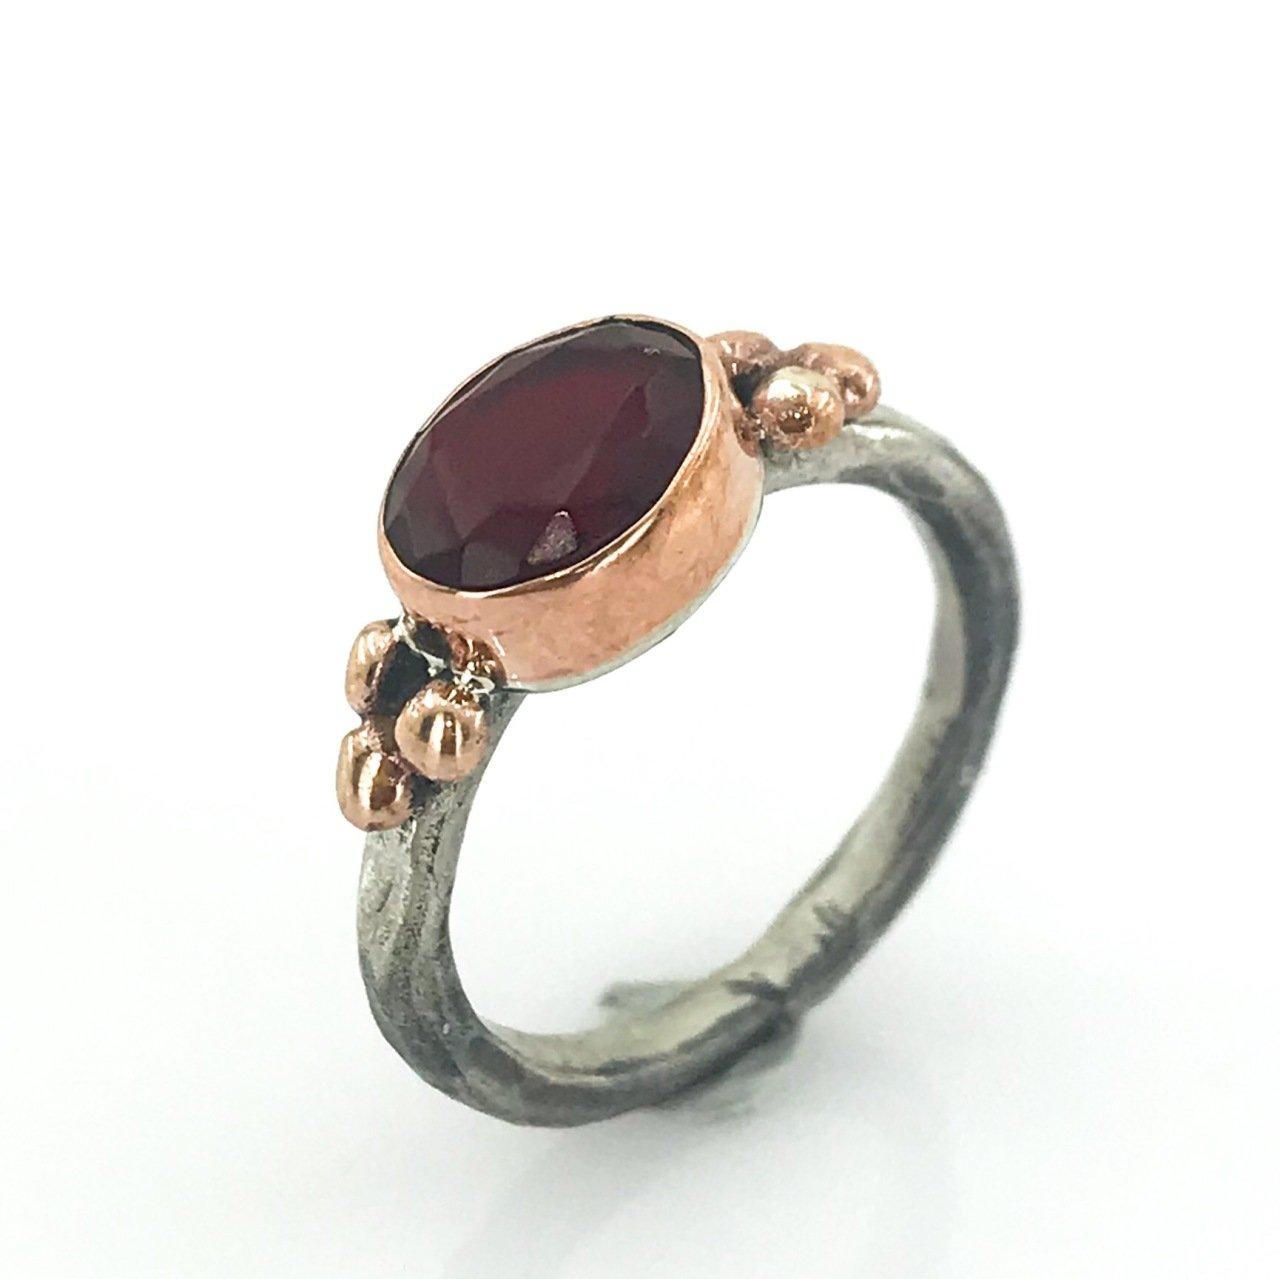 Bague en argent de fabrication à la main authentique en pierre rubis minimale